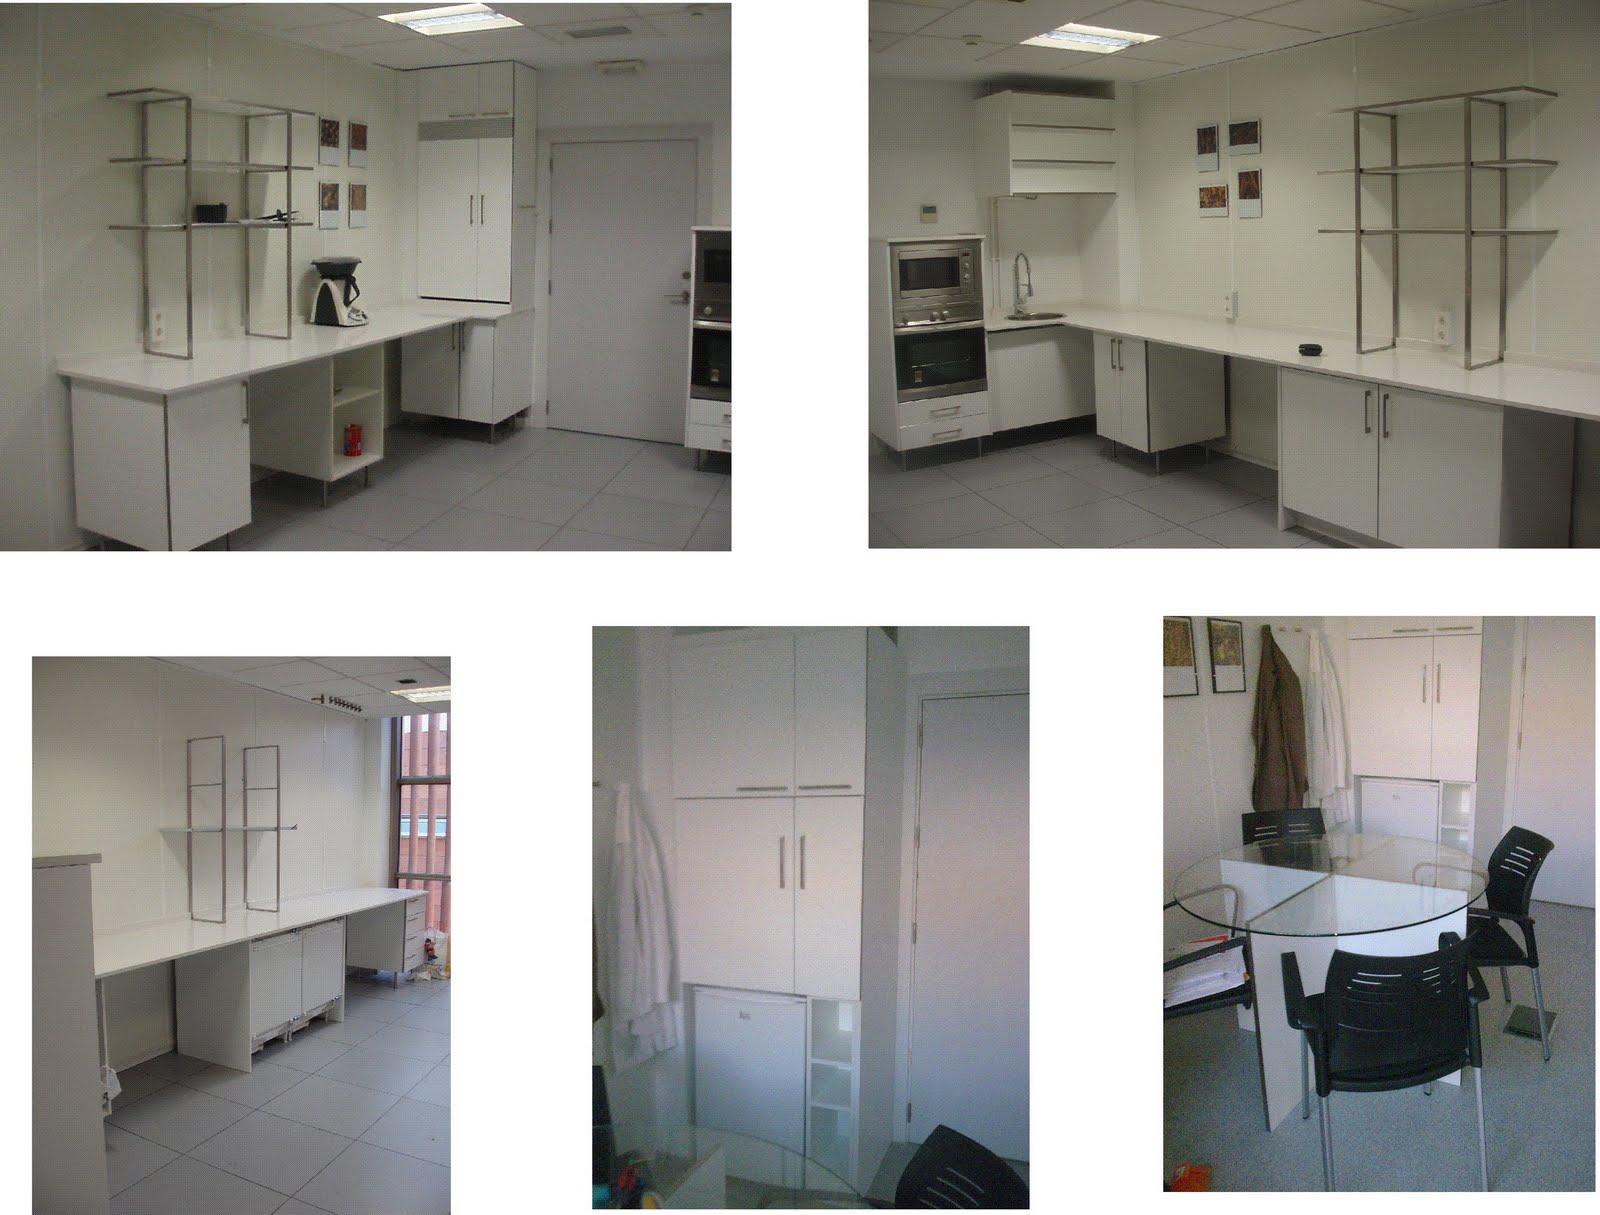 D interior dise o laboratorios y clinicas - Diseno de clinicas veterinarias ...